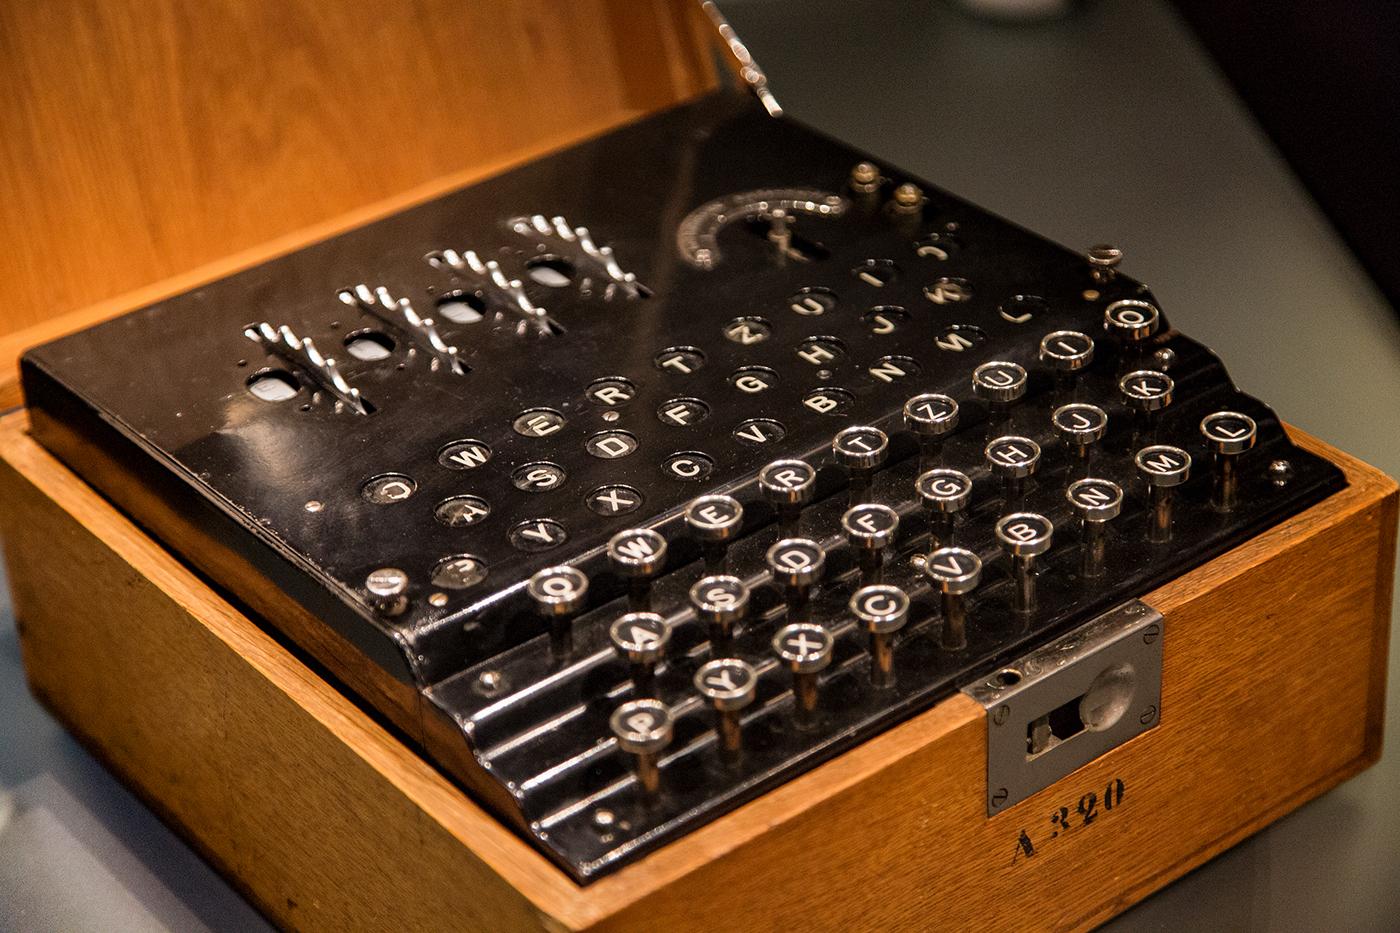 офицеры шифровальная машина энигма картинка напиток, который рекомендуется